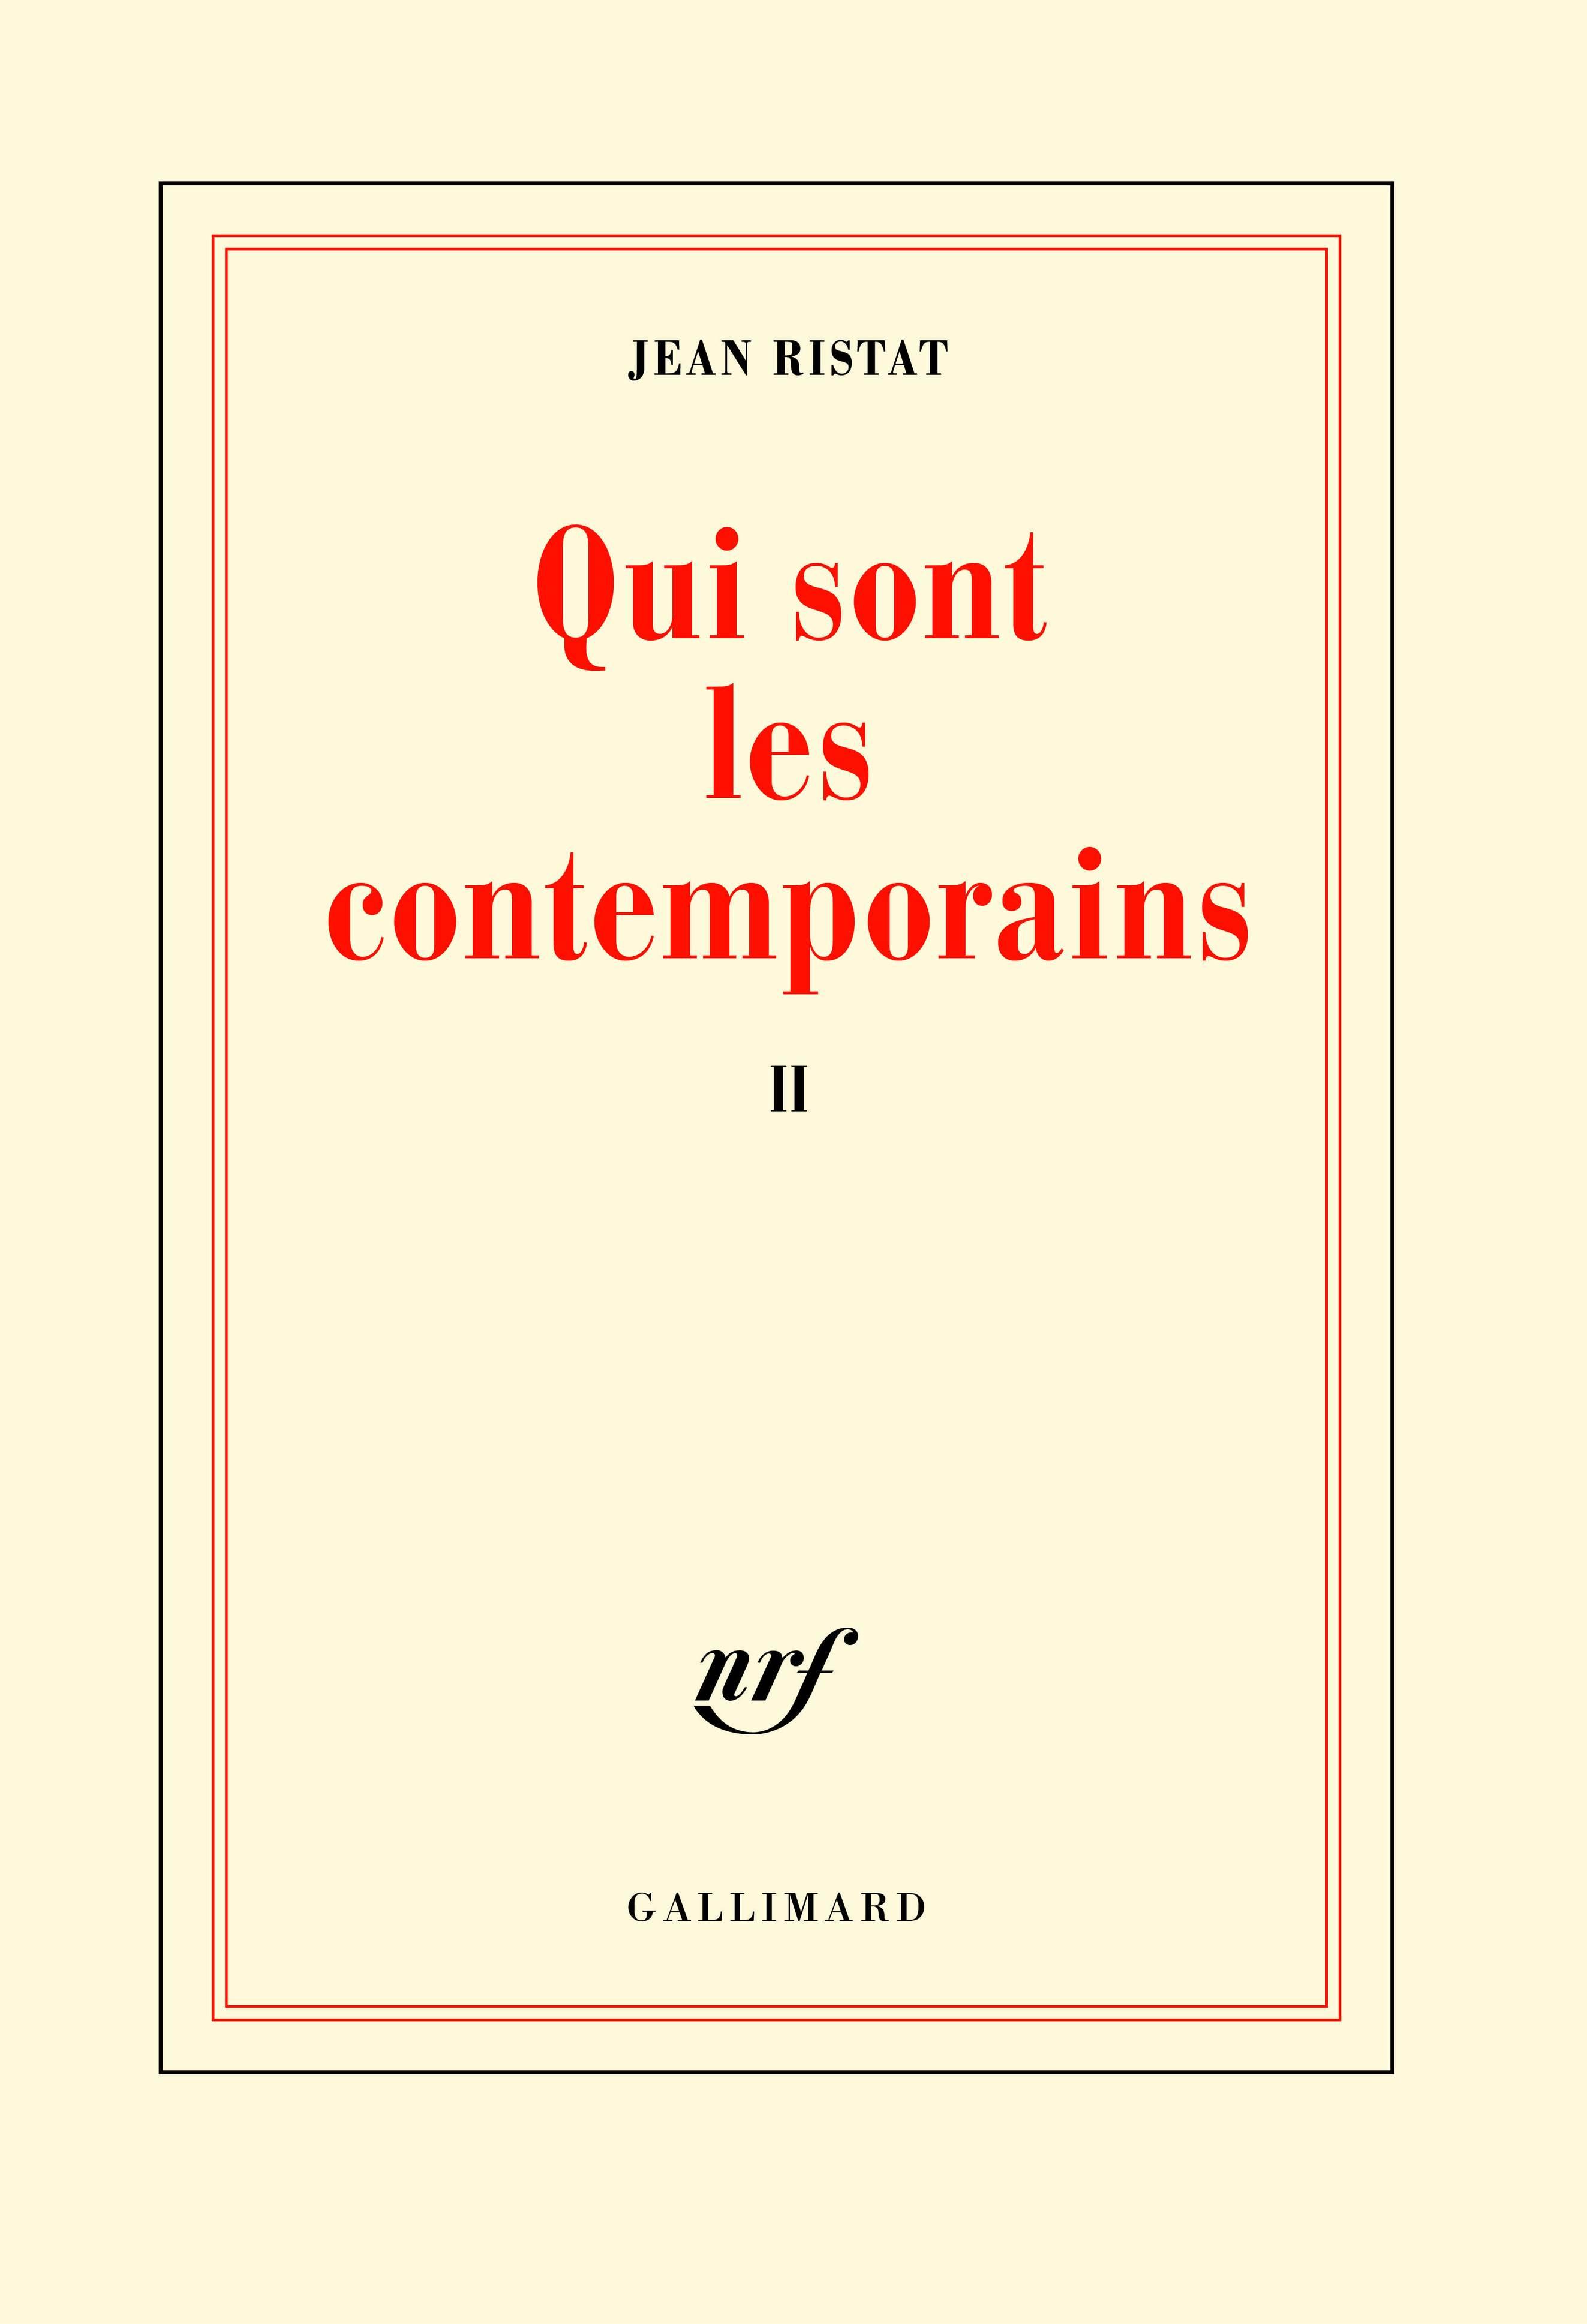 J. Ristat, Qui sont les contemporains, t. II